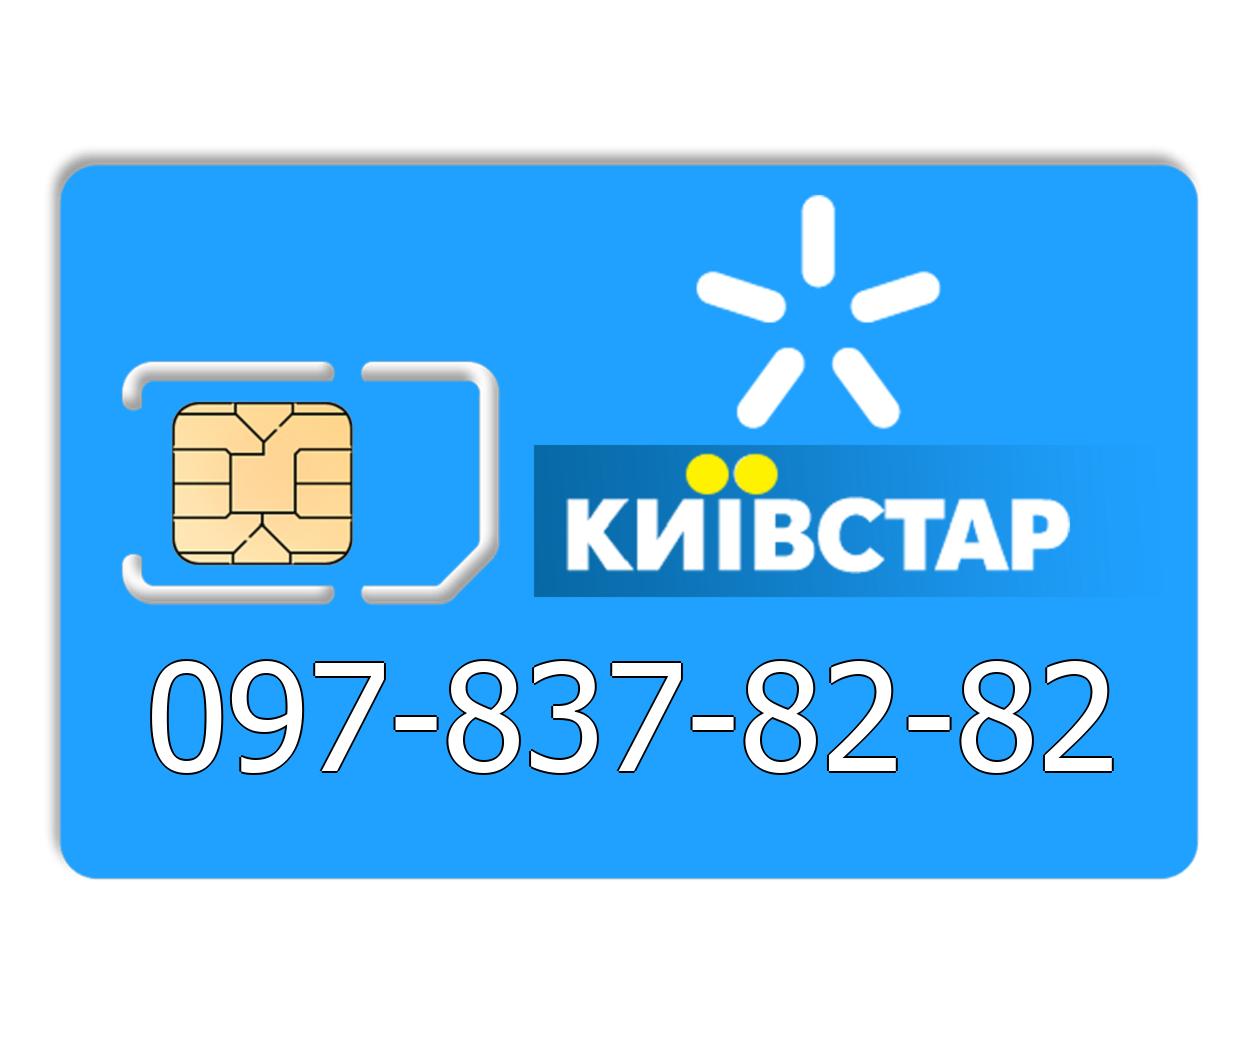 Красивый номер Киевстар 097-837-82-82